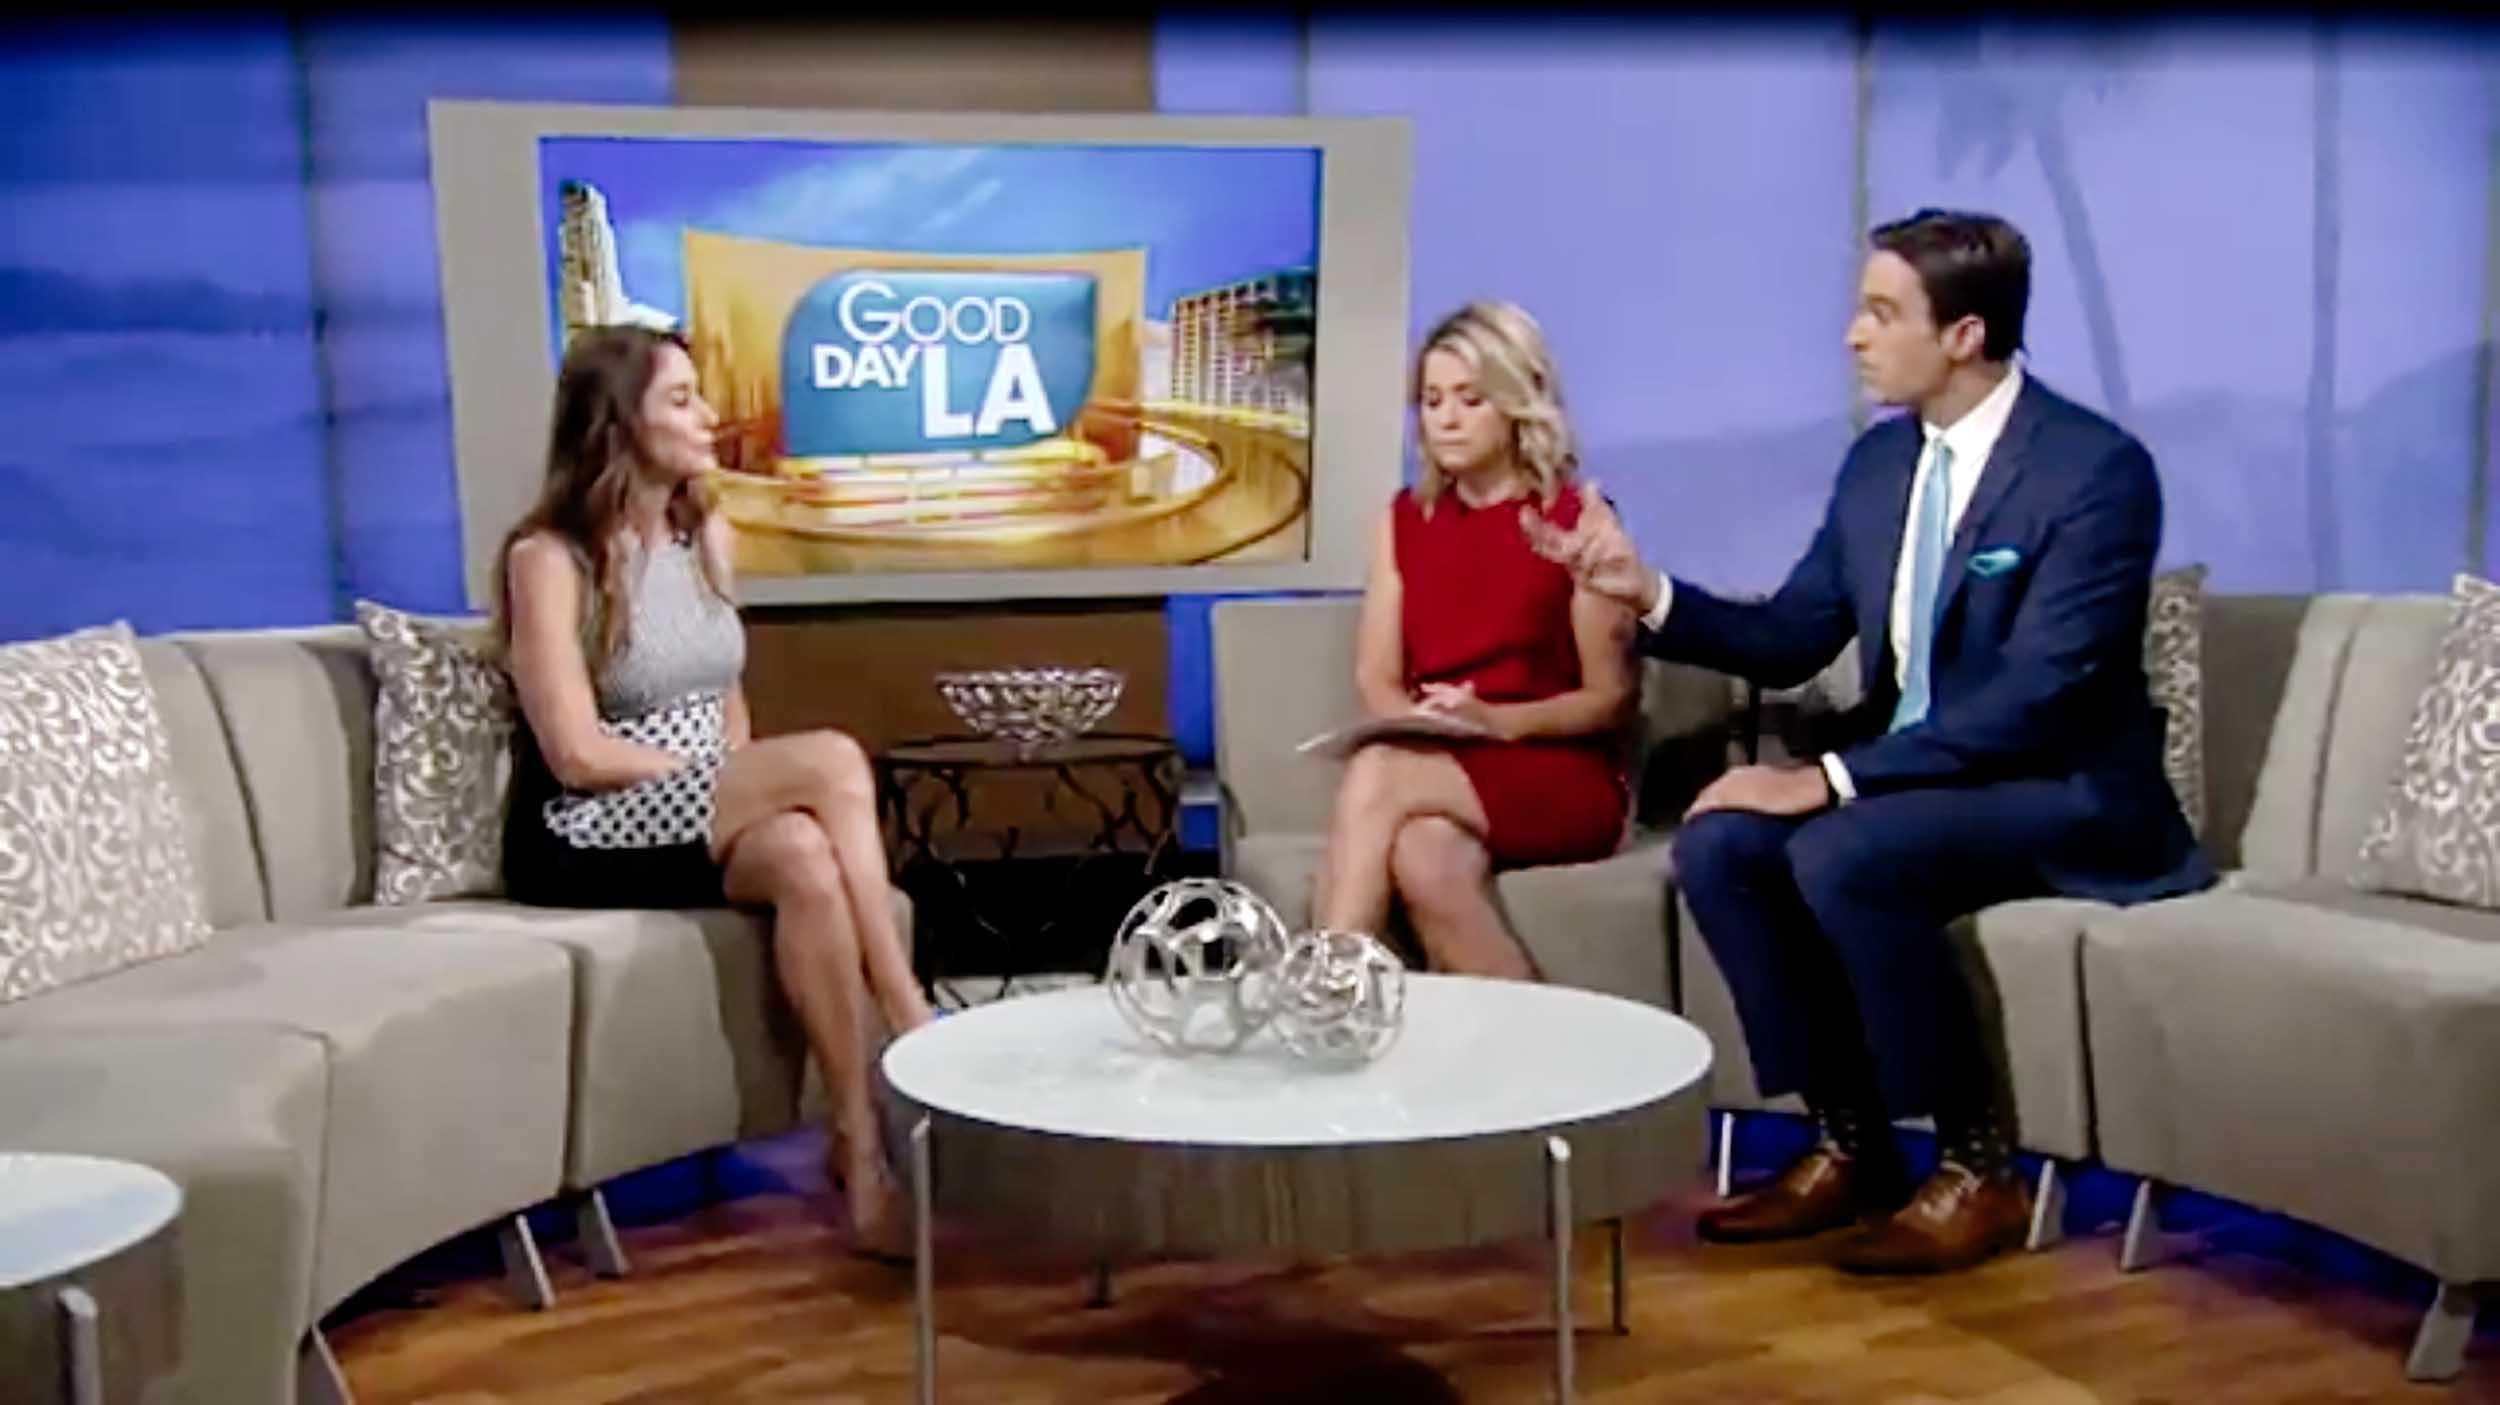 Blaze Bernstein's mother Jeanne Pepper Bernstein during an interview with Fox 11 Good Day LA.